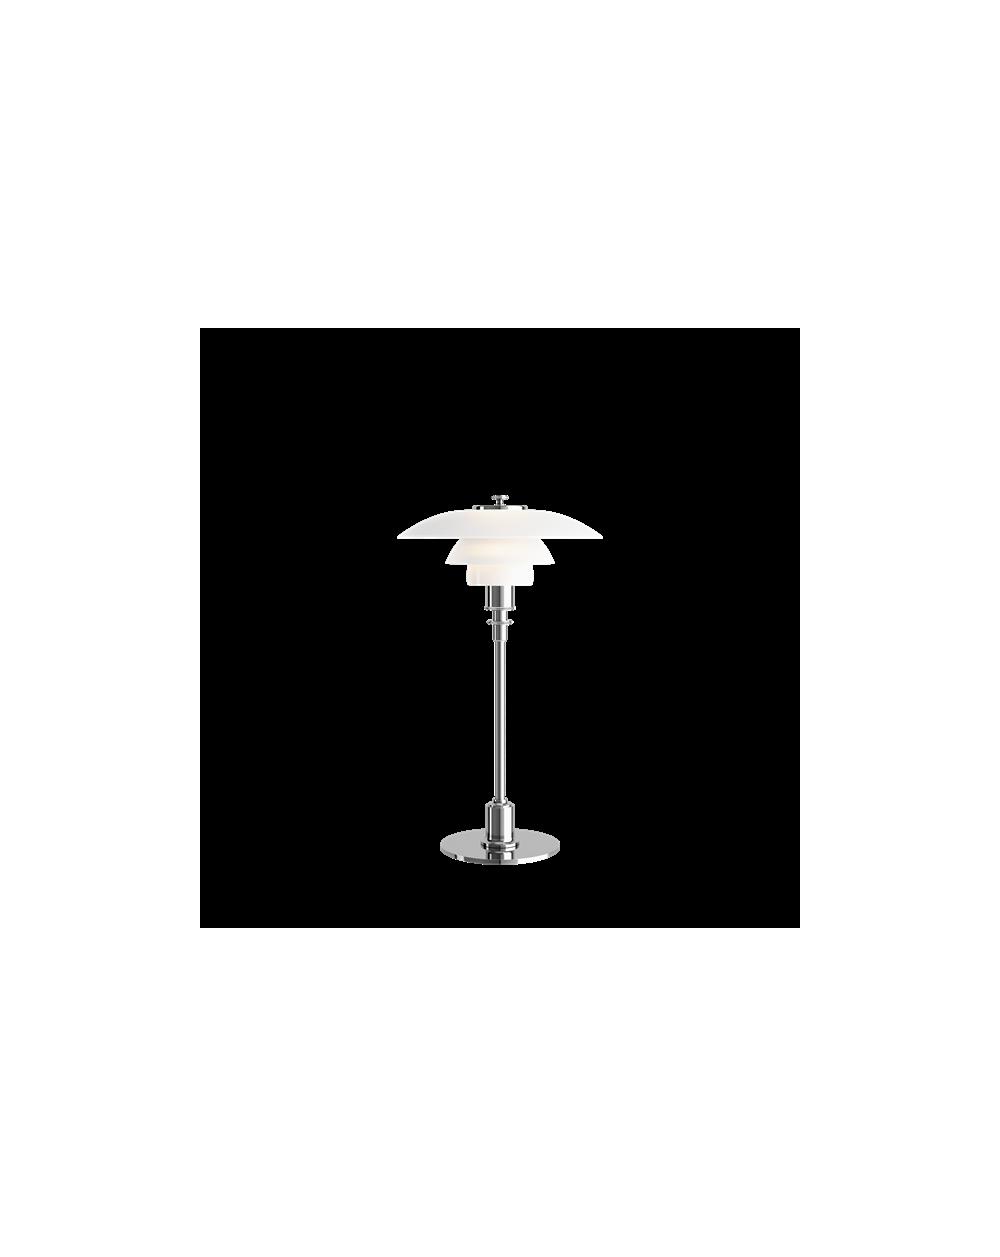 LAMPE DE TABLE PH2-1 Louis Poulsen